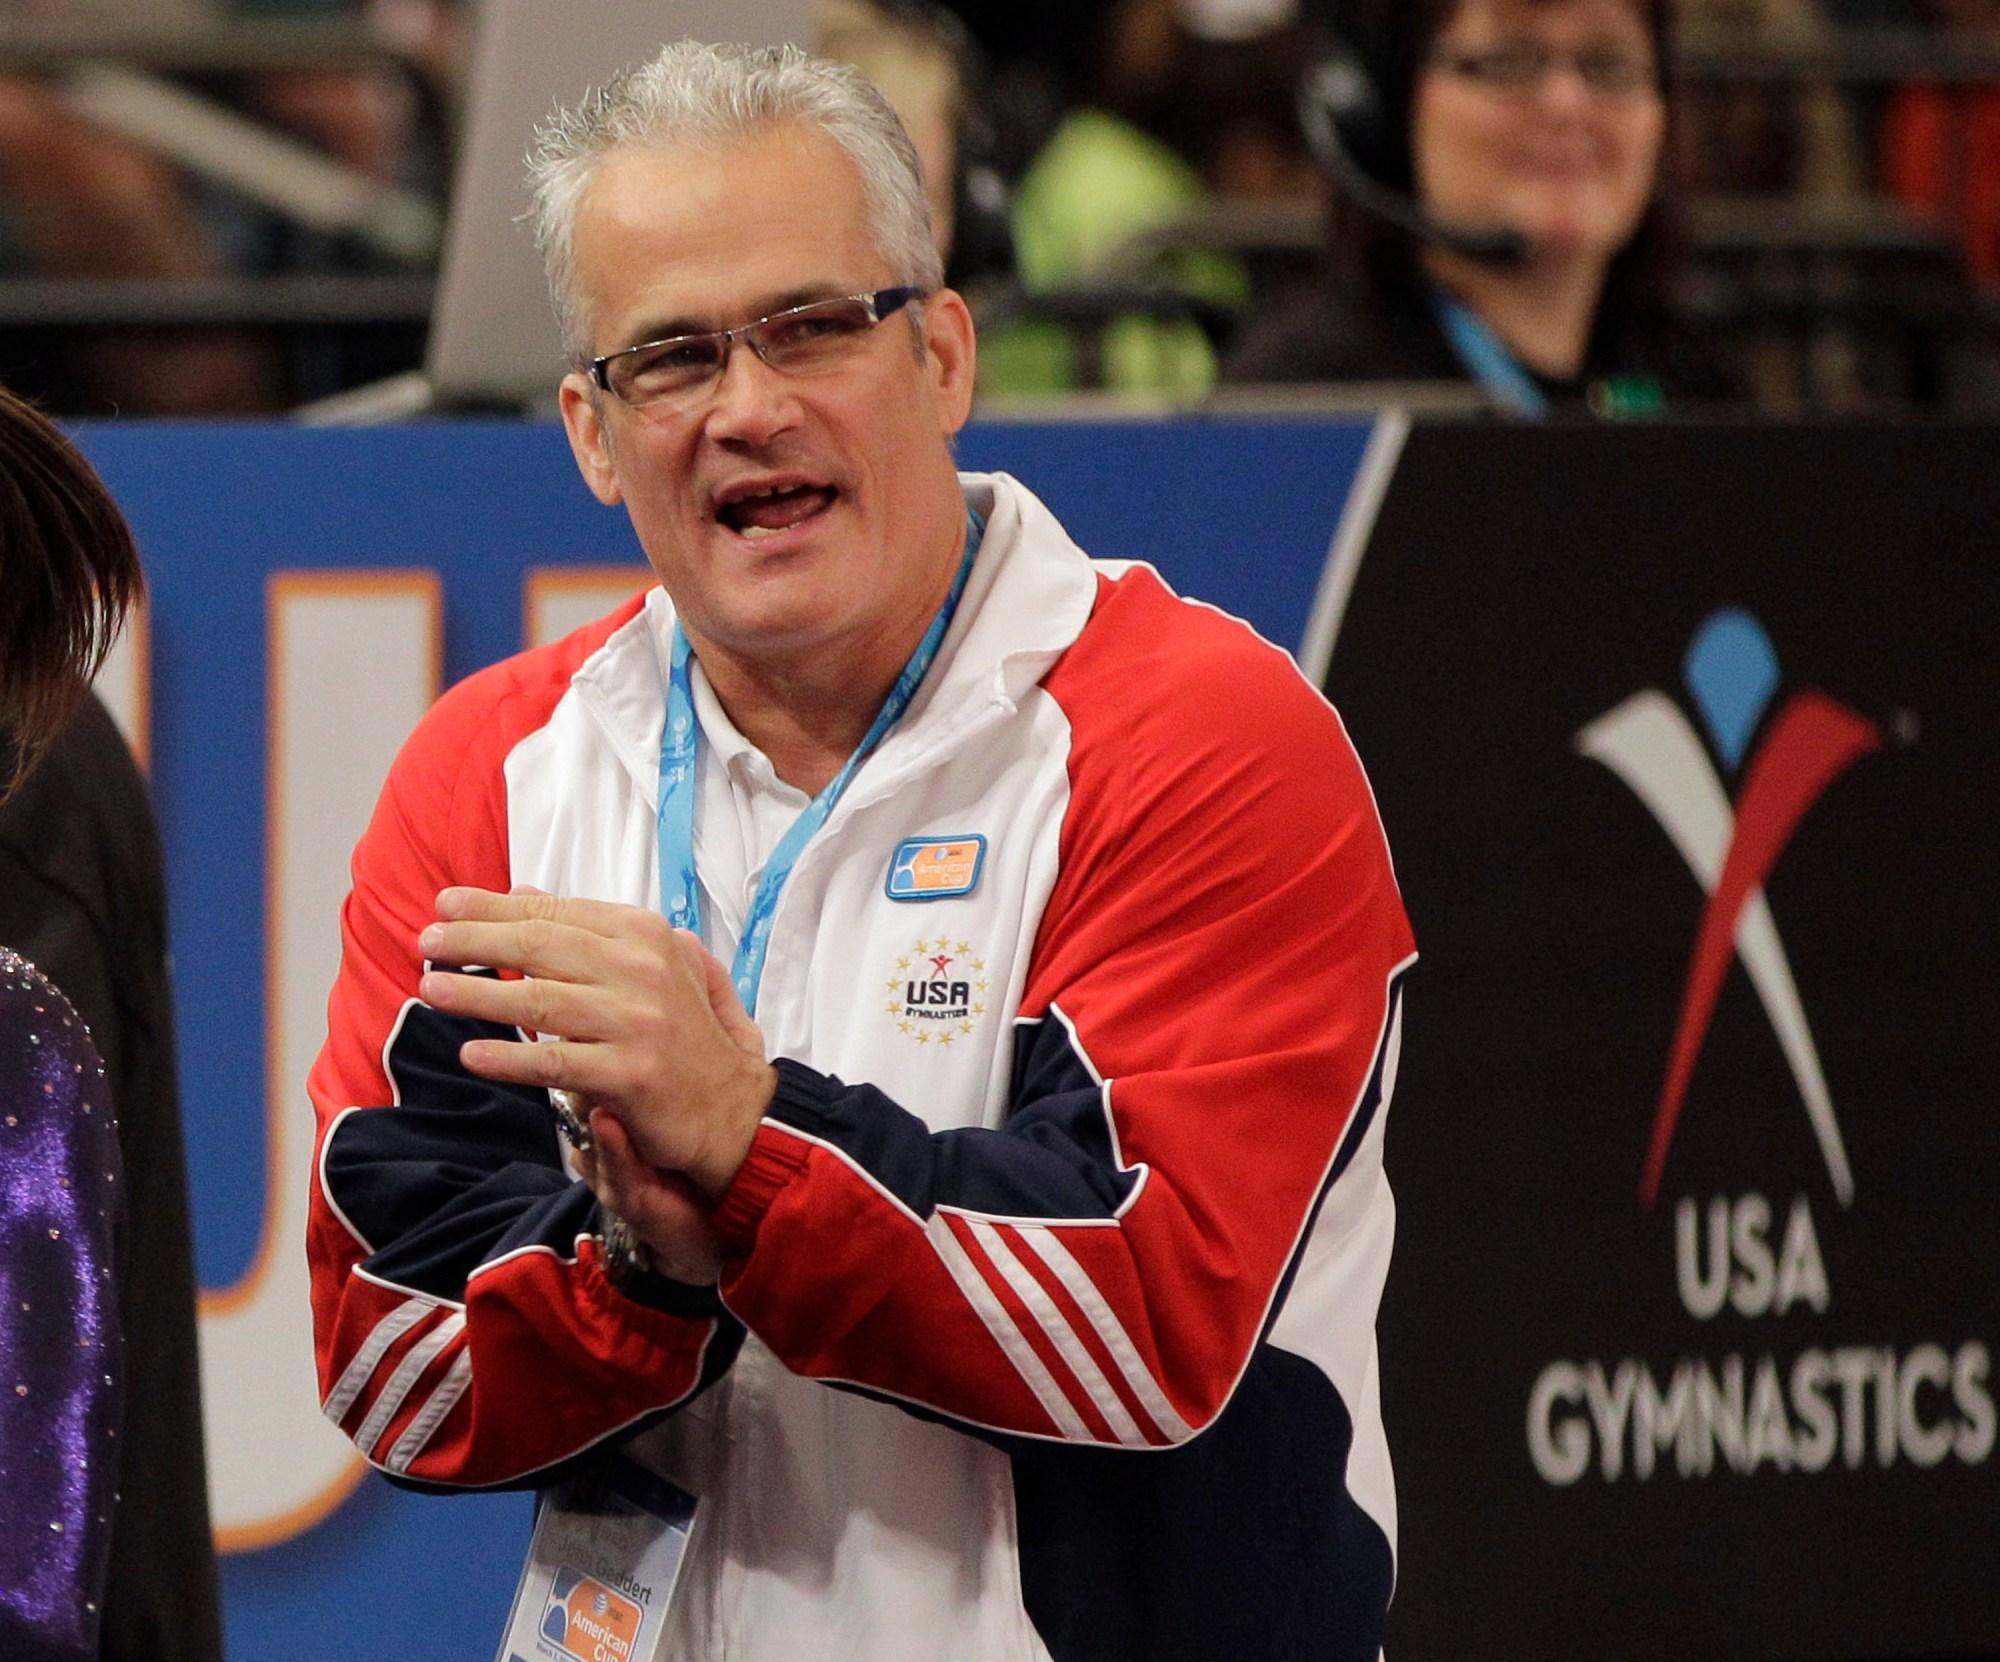 John Geddert